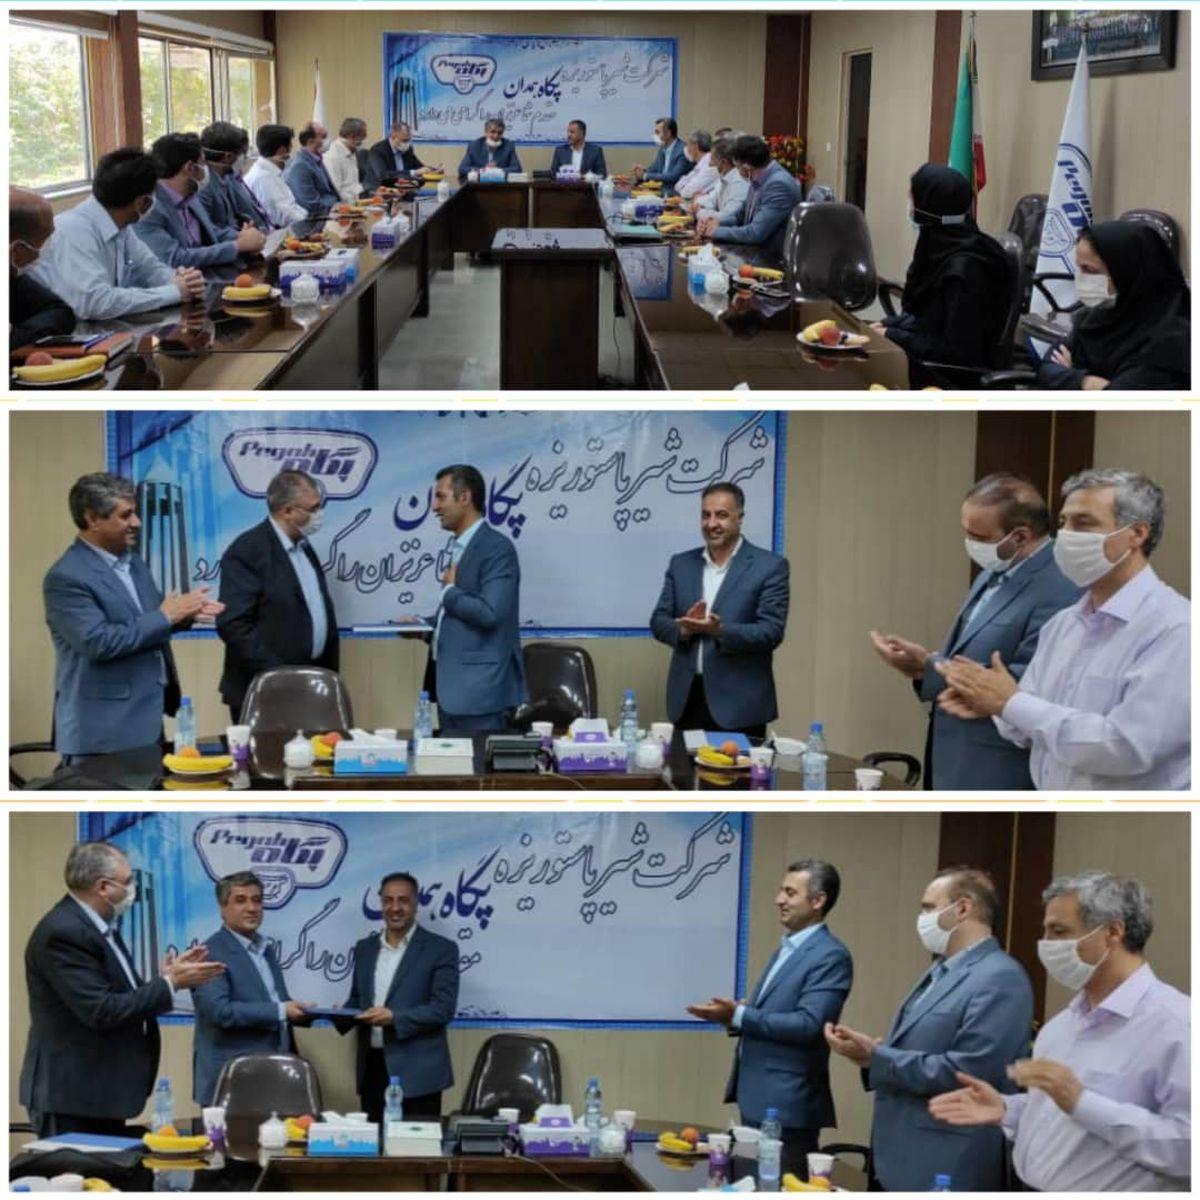 مدیر عامل شرکت پگاه همدان منصوب شد